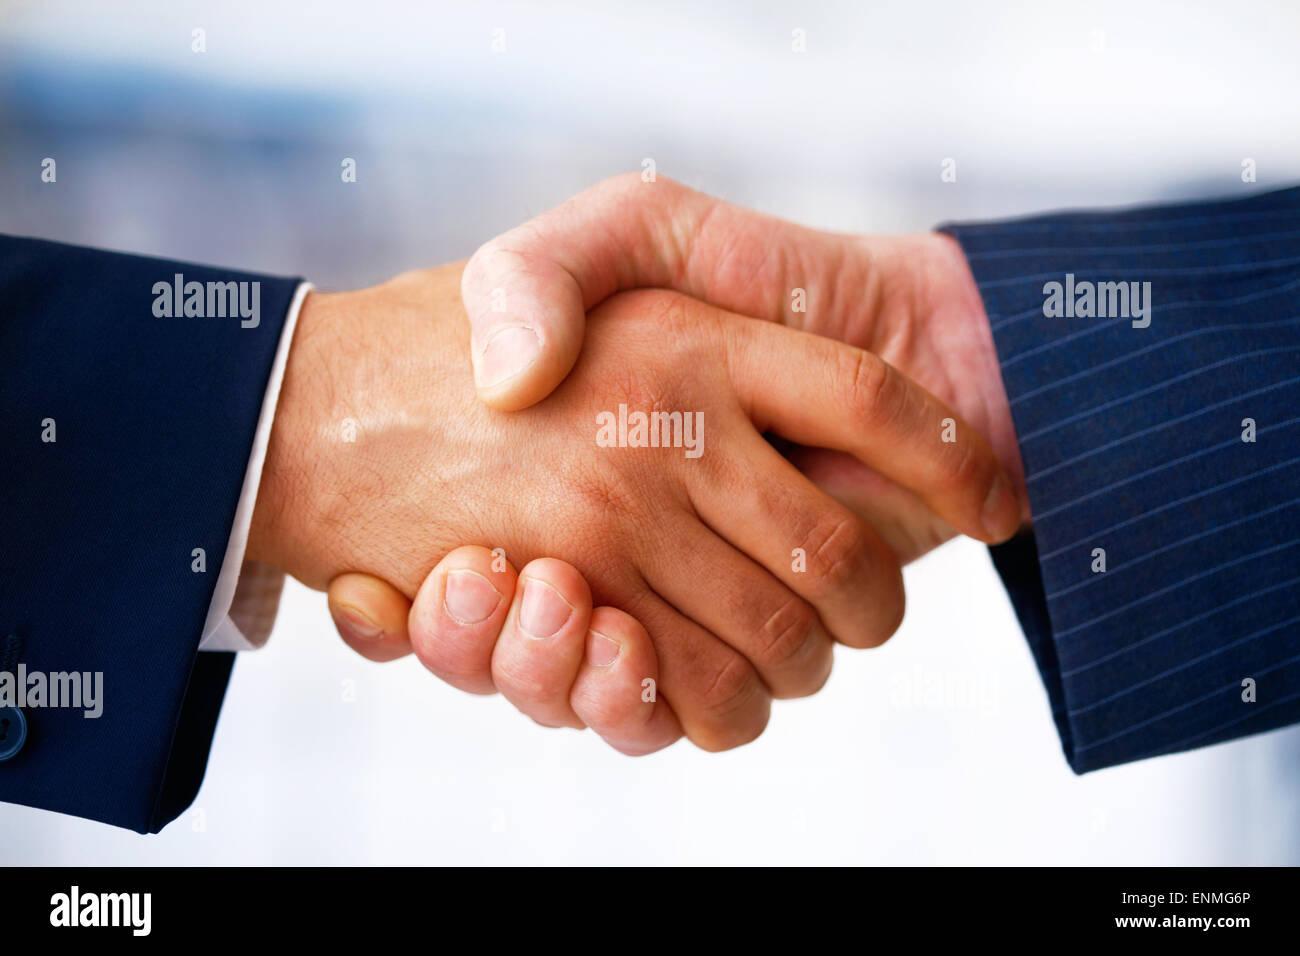 Comunicar y apretón de manos Imagen De Stock